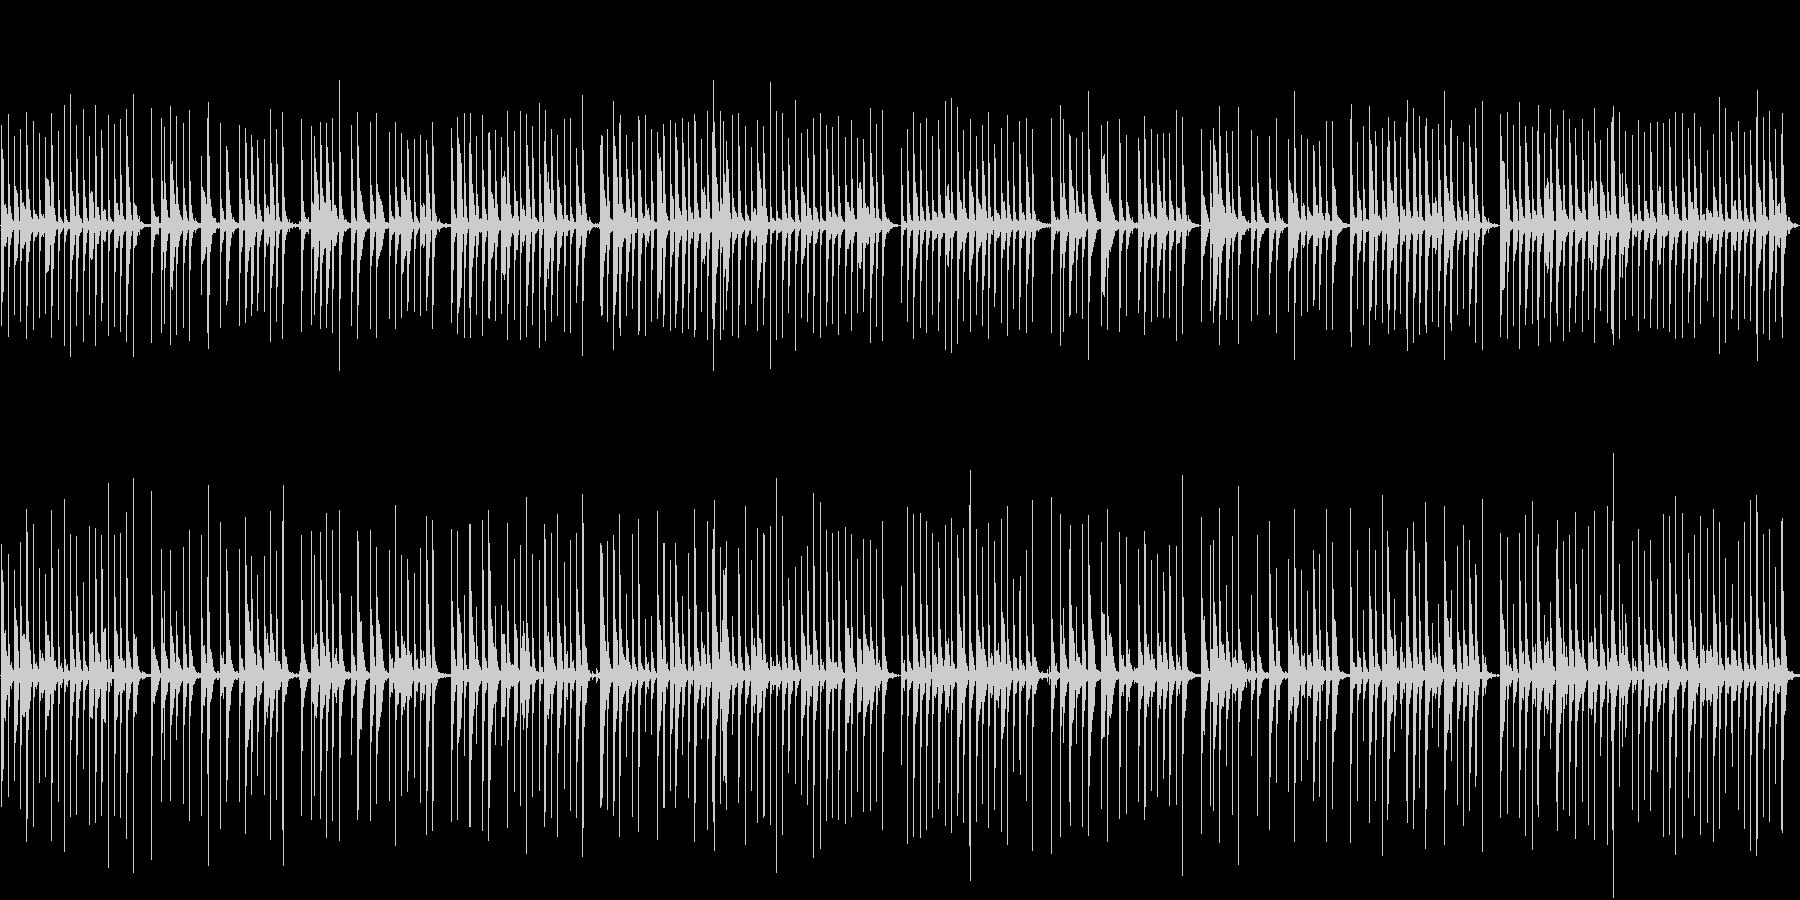 笛とカリンバのオーガニックな雰囲気の未再生の波形